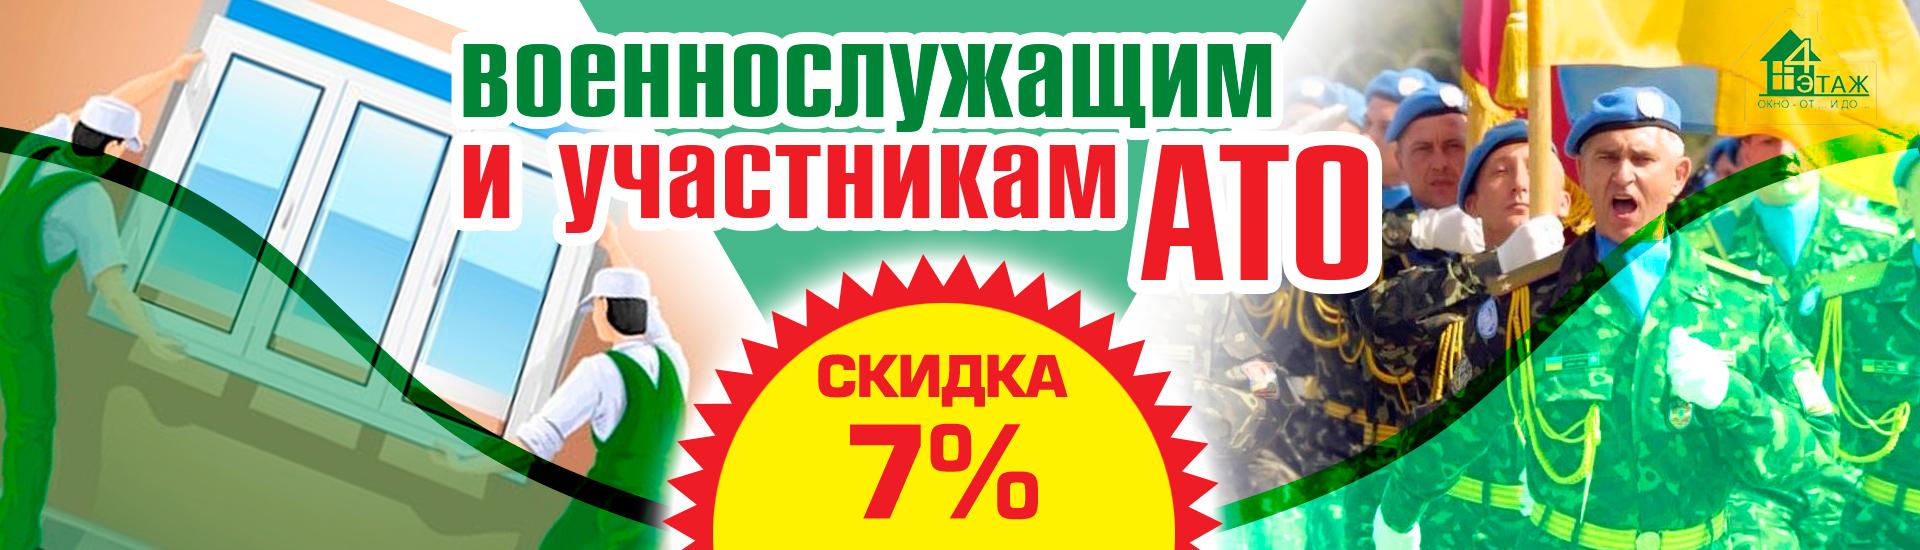 Окна Киев скидки для военнослужащих в оконной фирме